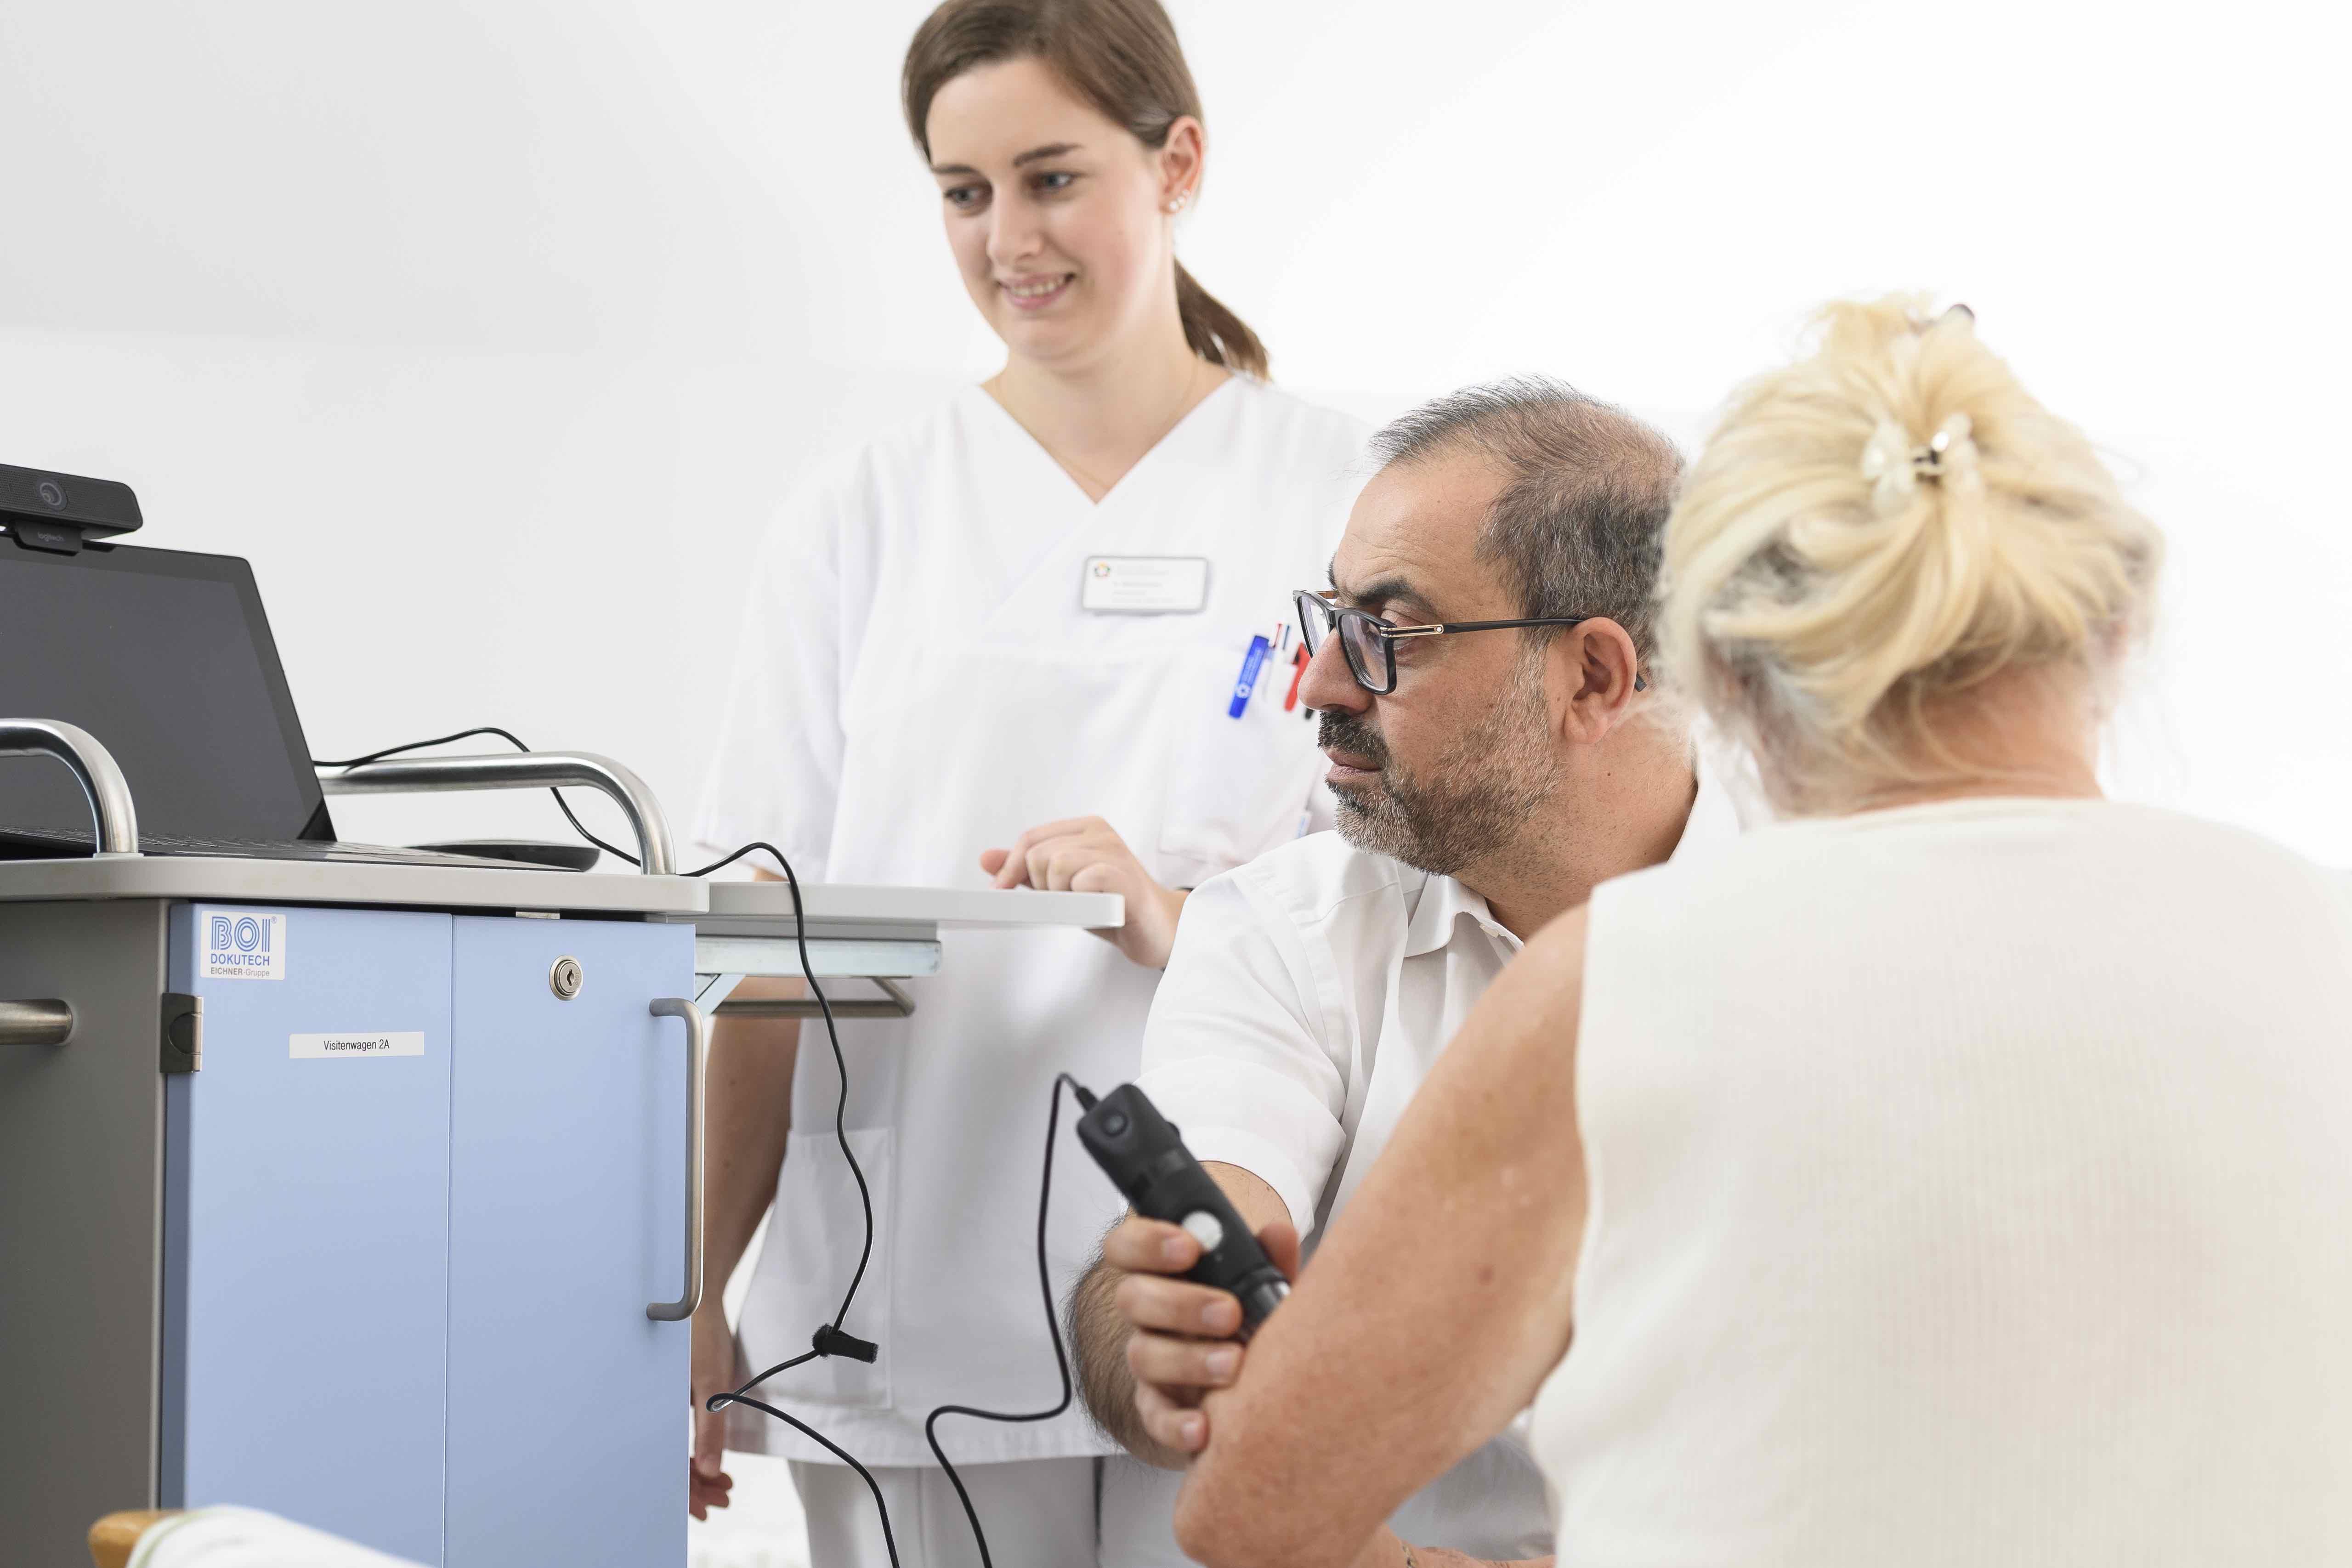 Von der neuen Technologie überzeugt: Hassan Soda, Leiter der Klinik für Neurologie und Neurologische Intensivmedizin/Stroke Unit am RHÖN-KLINIKUM Campus Bad Neustadt